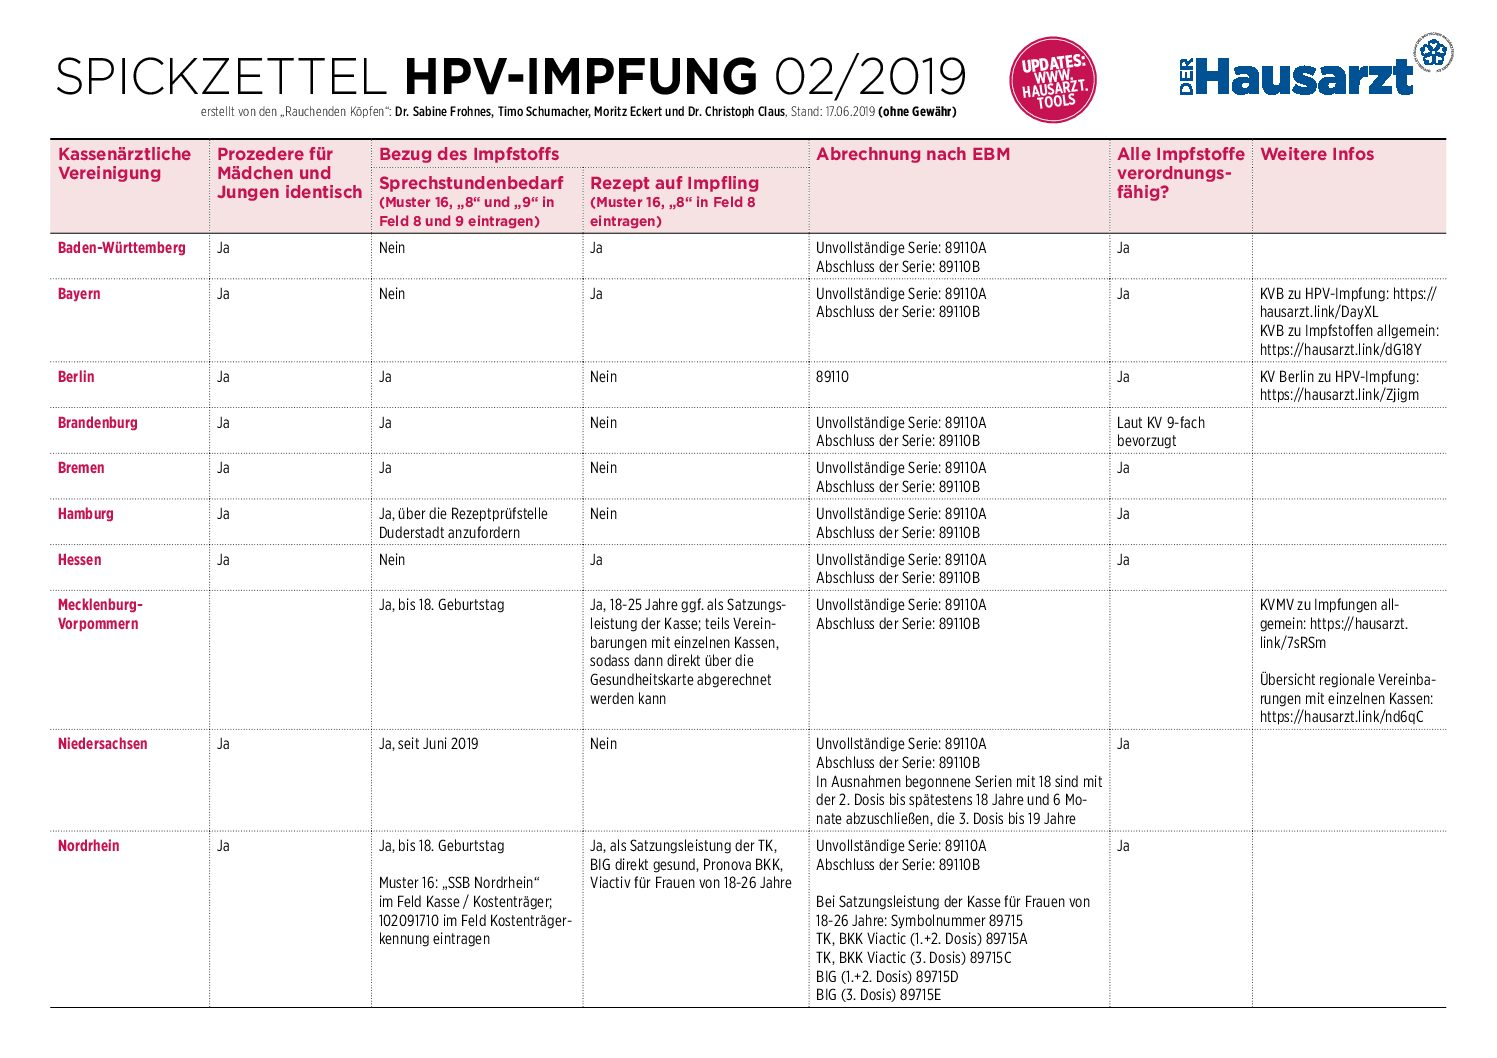 hpv impfung beim hausarzt